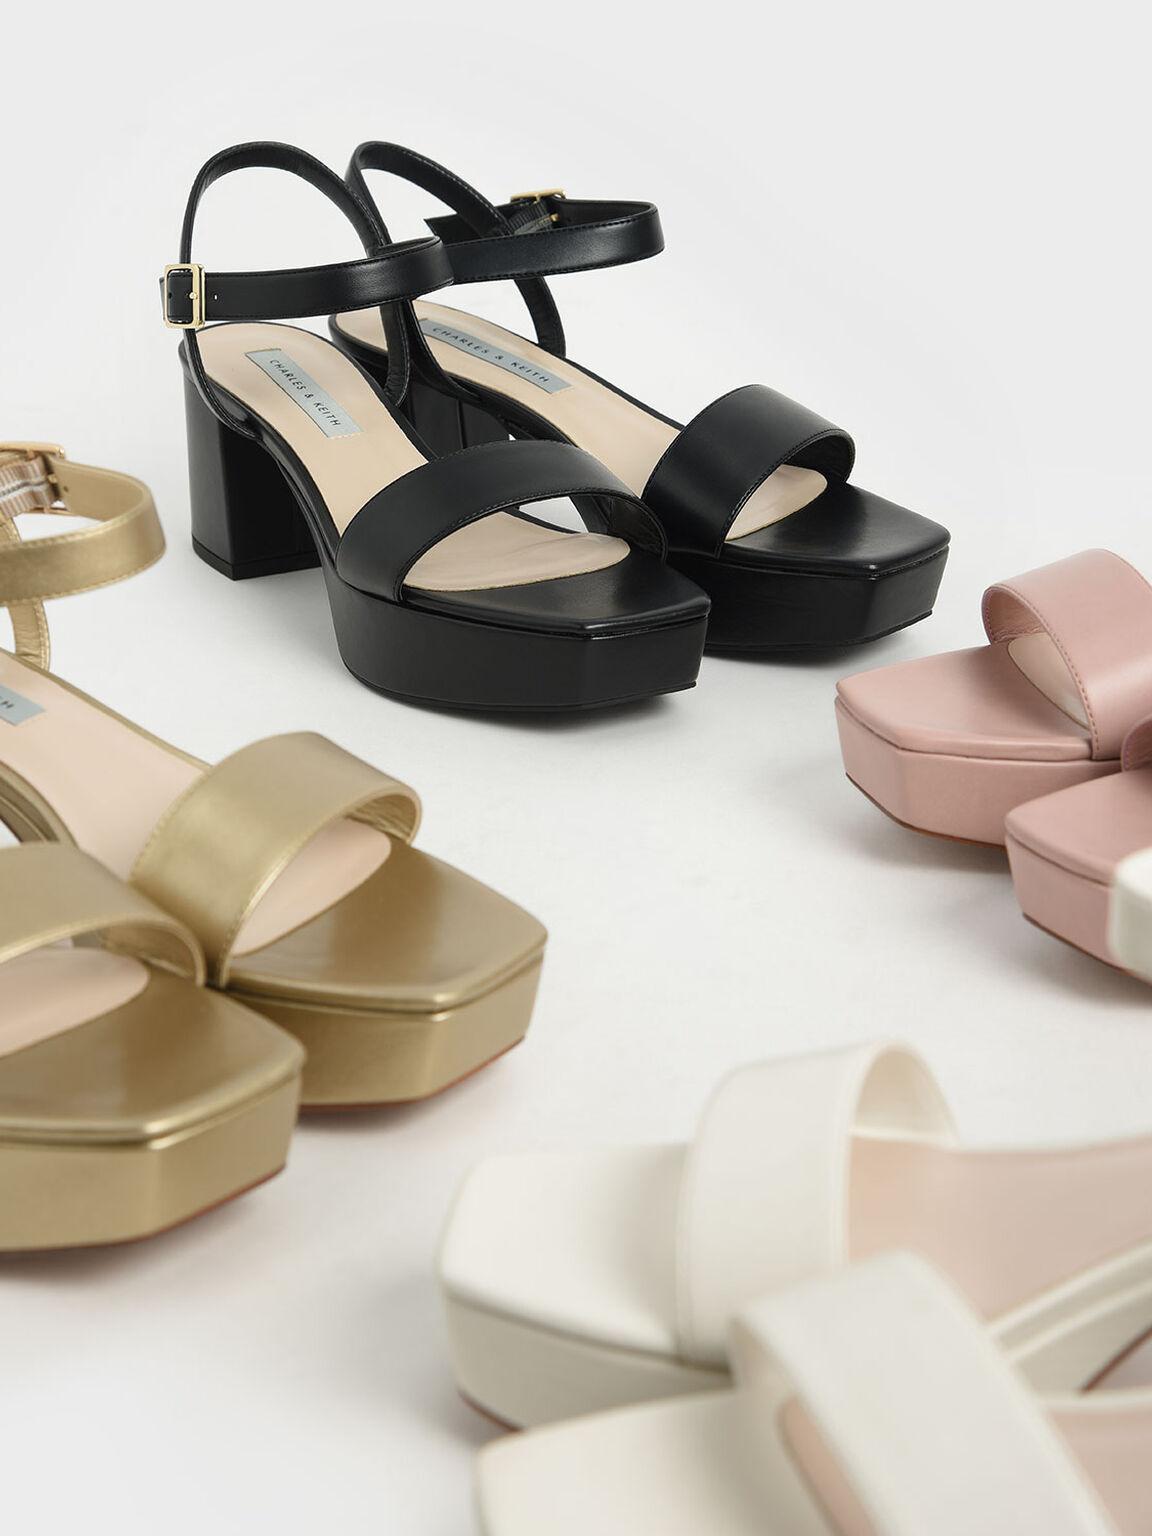 Sandal Platform Ankle Strap, Pink, hi-res